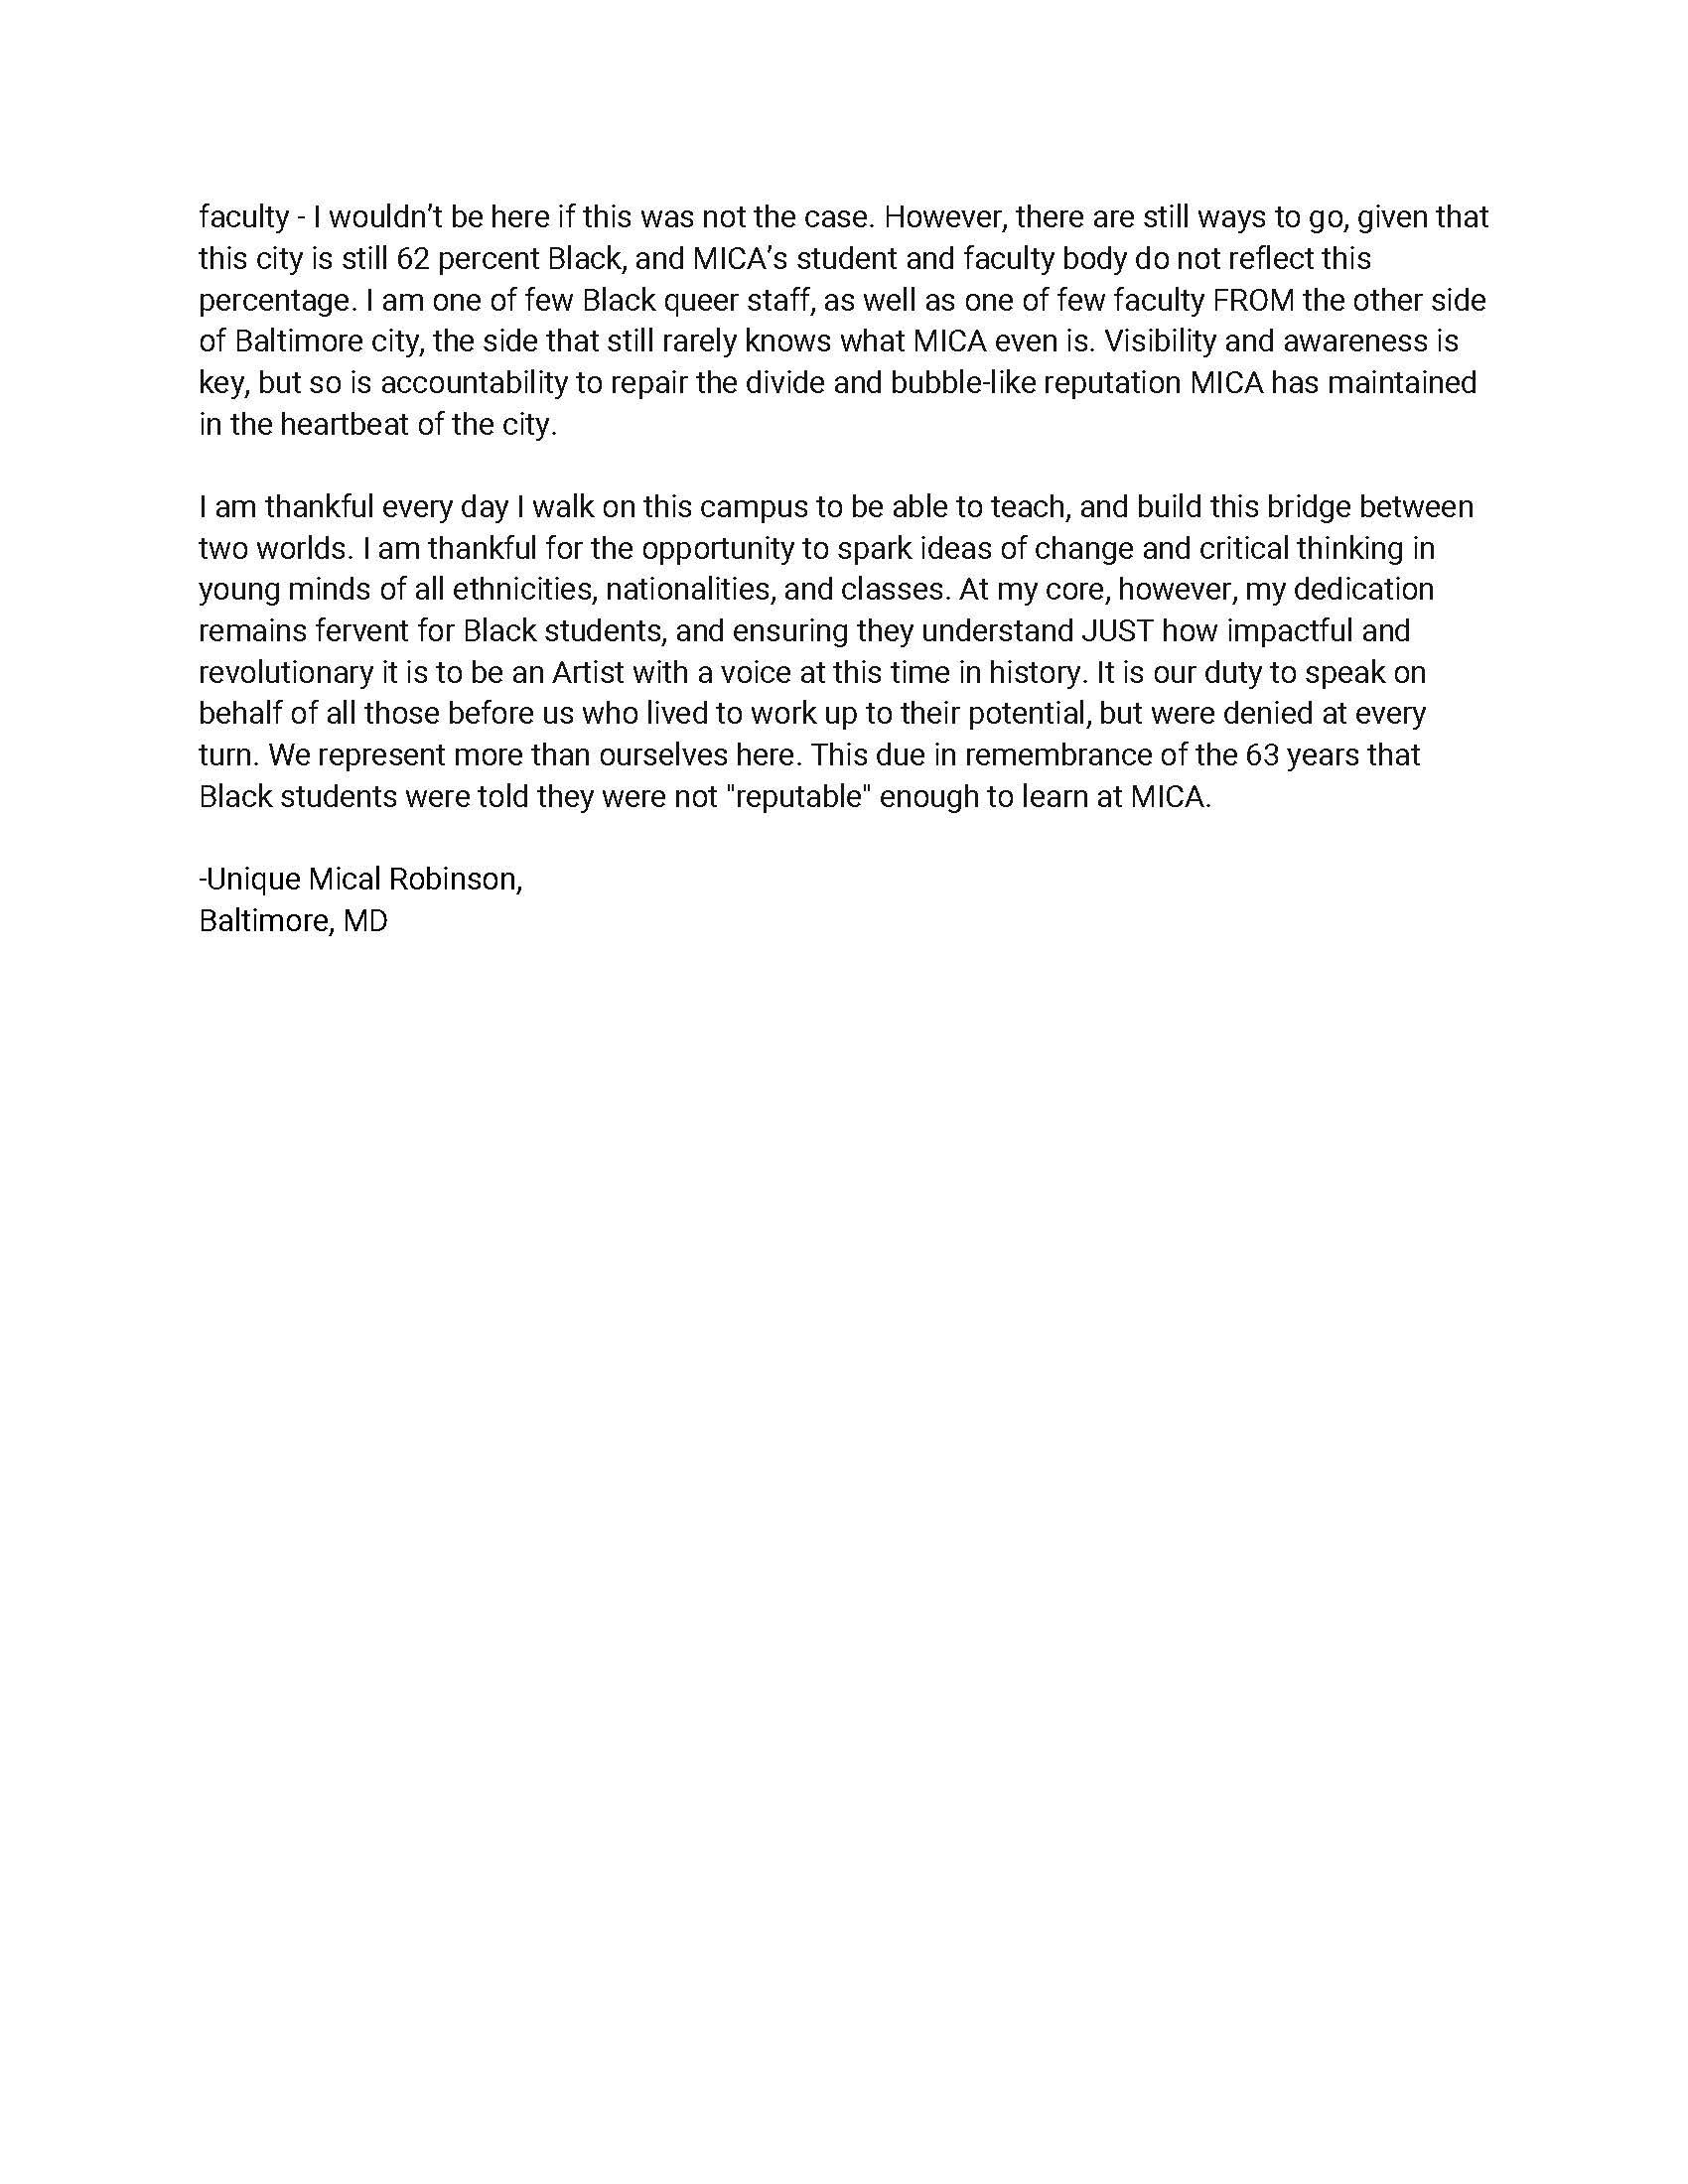 Unique Robinson's Speech, Side 2